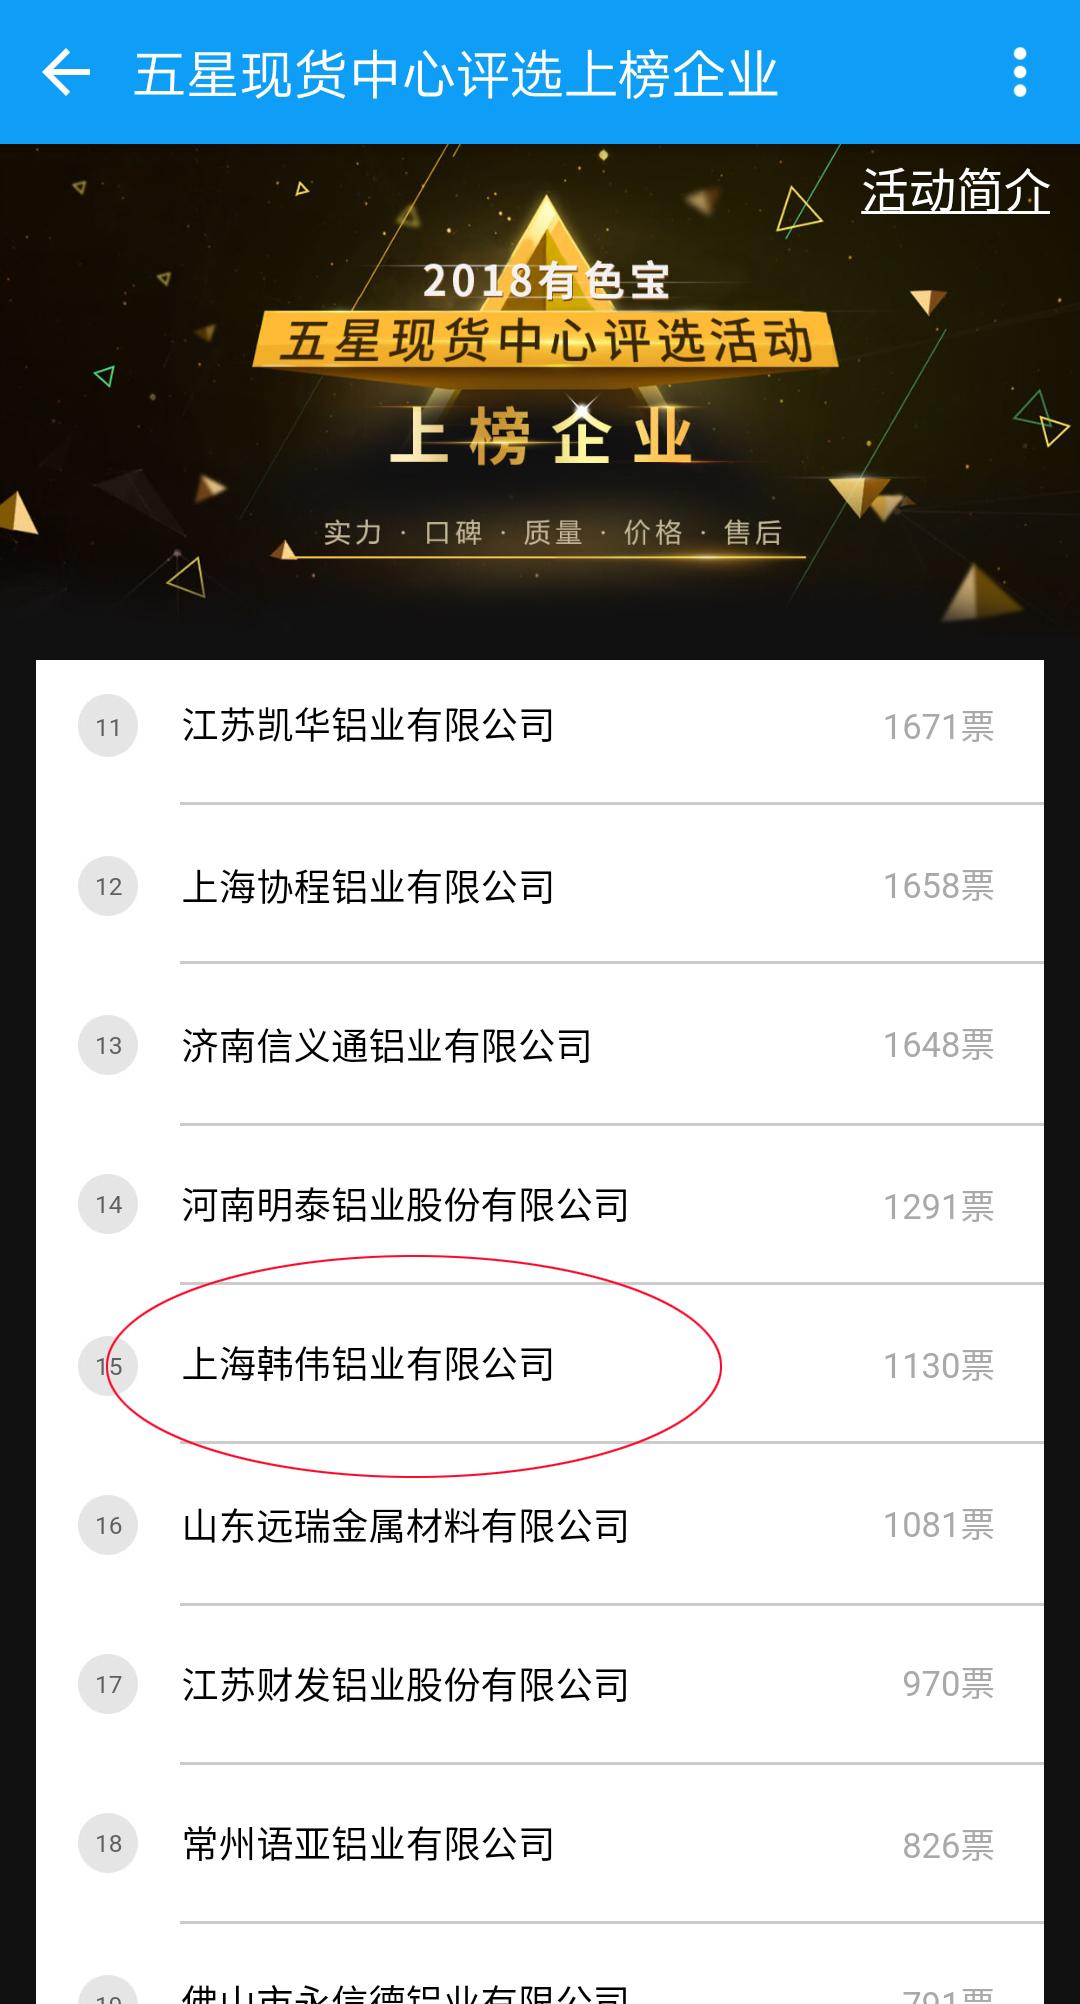 """上海韩伟铝业有限公司荣膺""""五星现货中心""""上榜企业"""